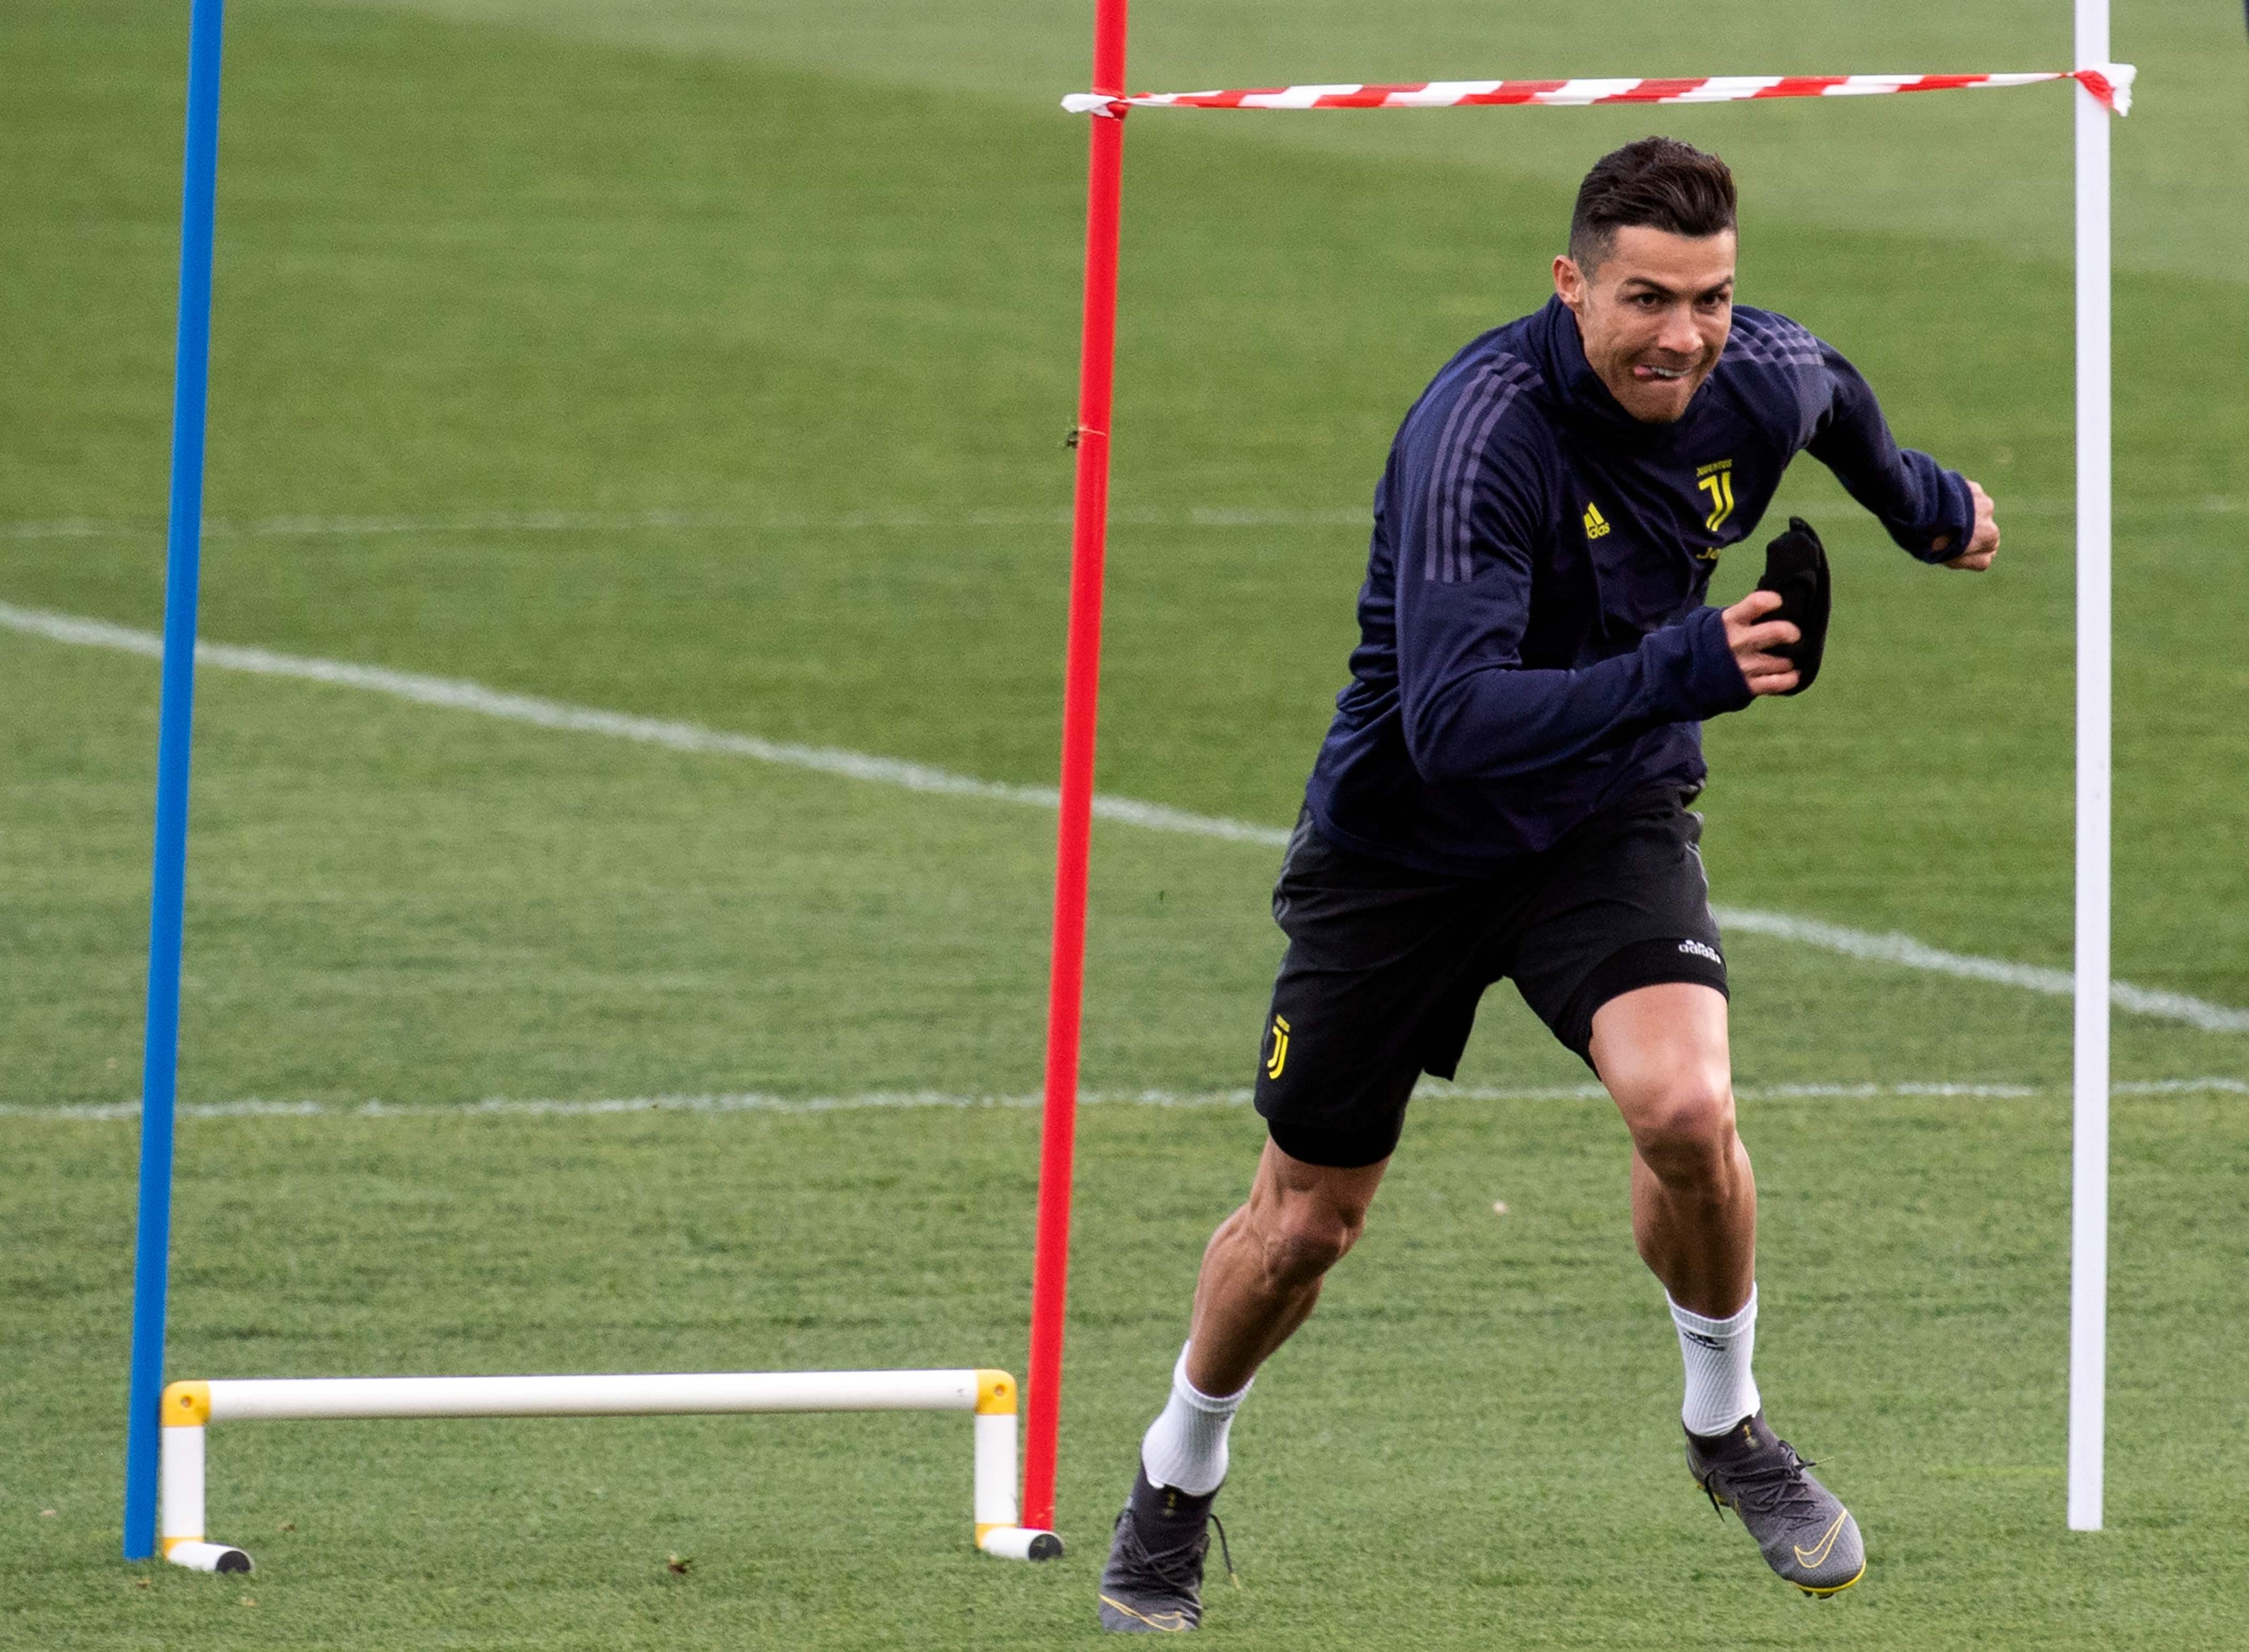 البرتغالي كريستيانو رونالدو في تدريبات يوفنتوس11 مارس (آذار) 2019 . (أ.ف.ب)